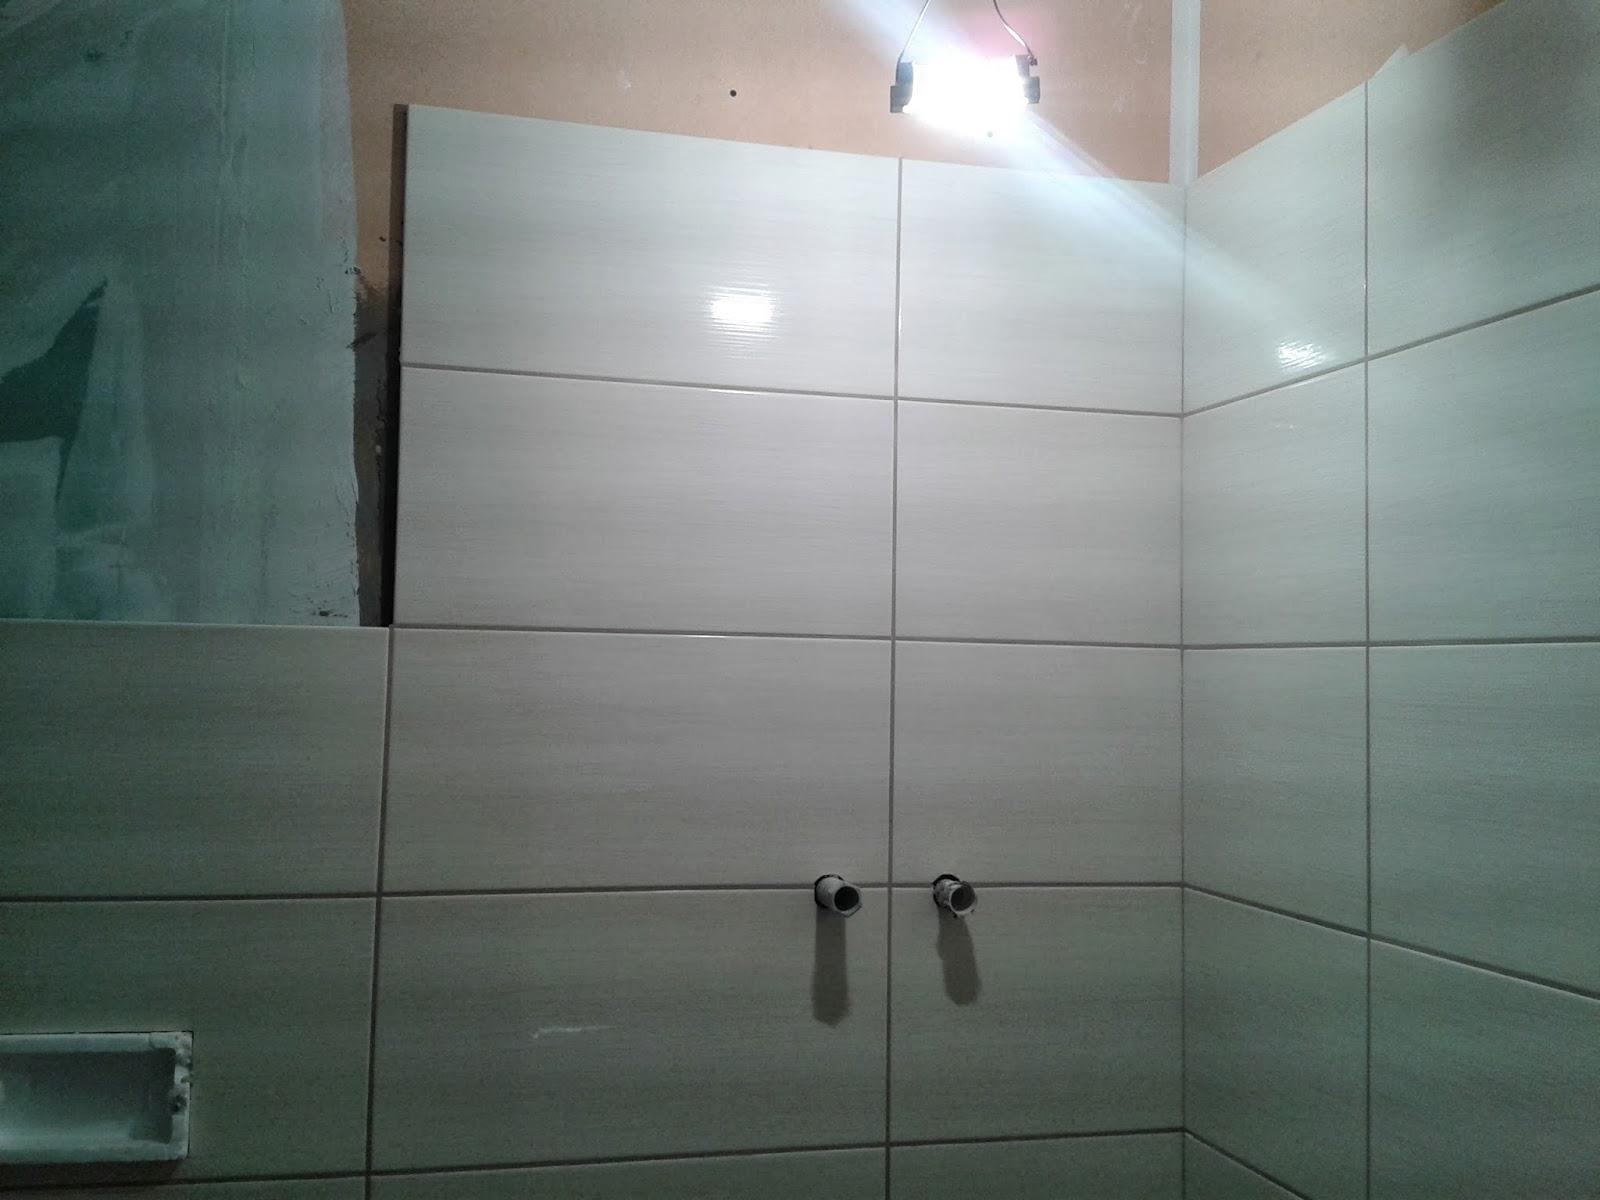 Dusche Ohne Kabine : Dusche (noch ohne Kabine)